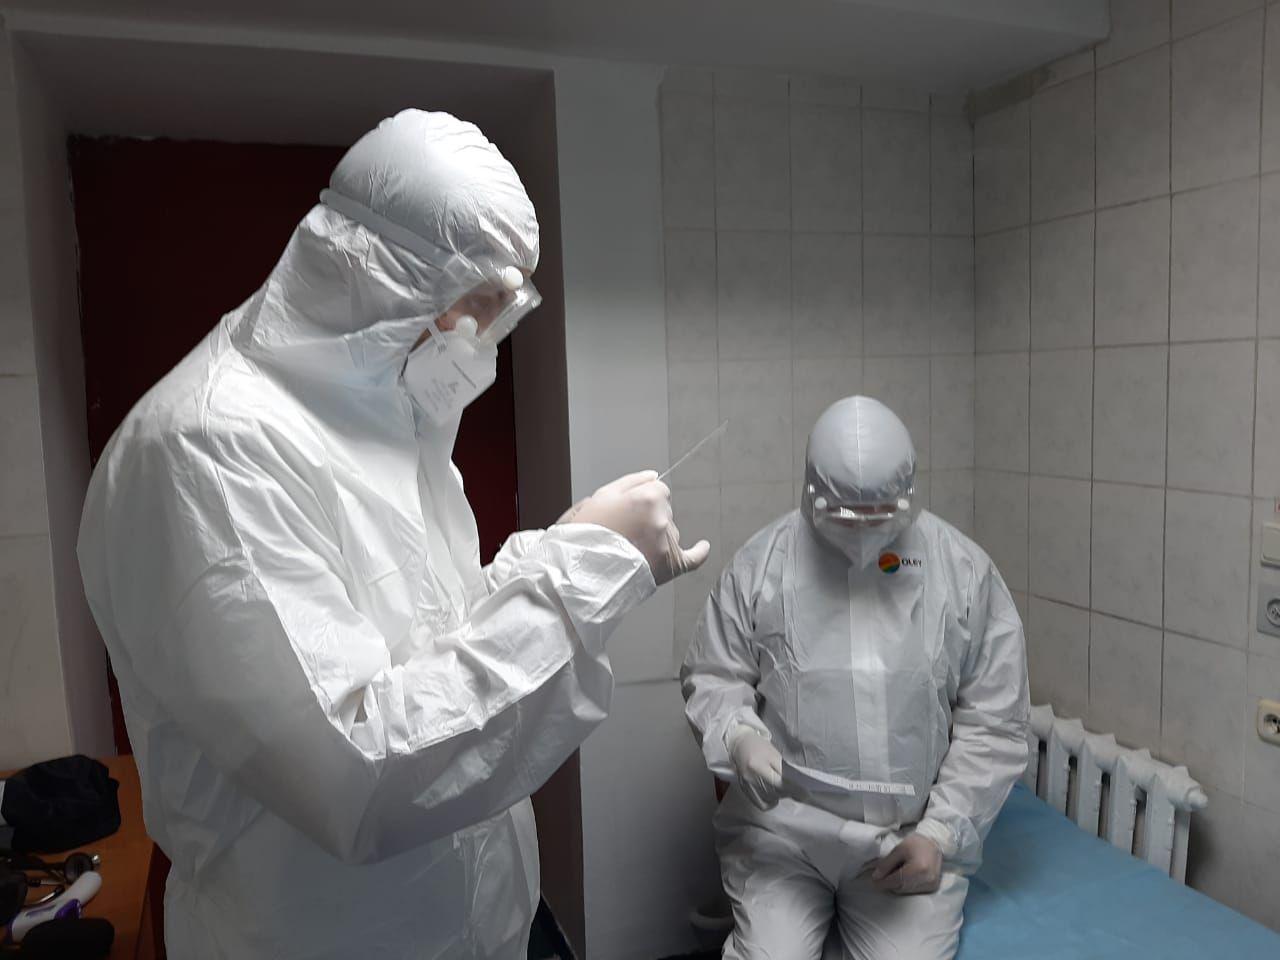 Военные медики Казахстана и России приступили к совместной работе по борьбе с коронавирусом